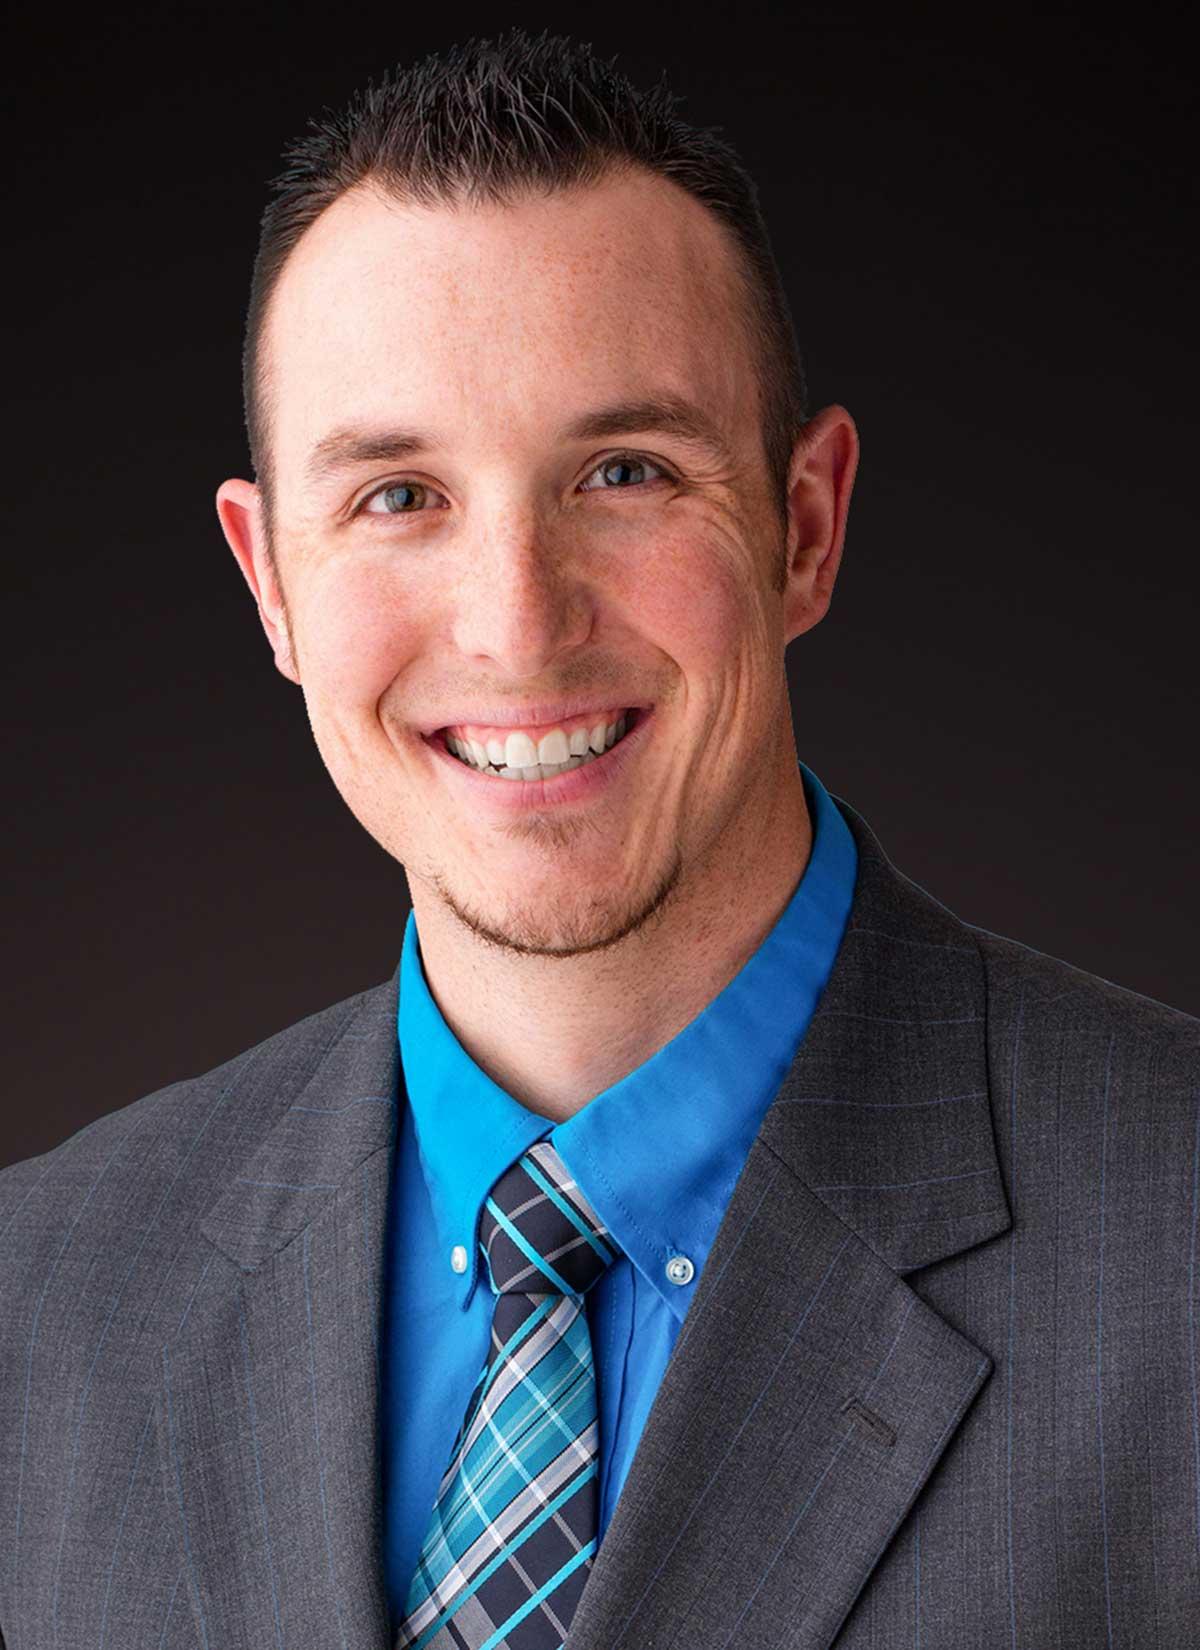 Chris Miliron